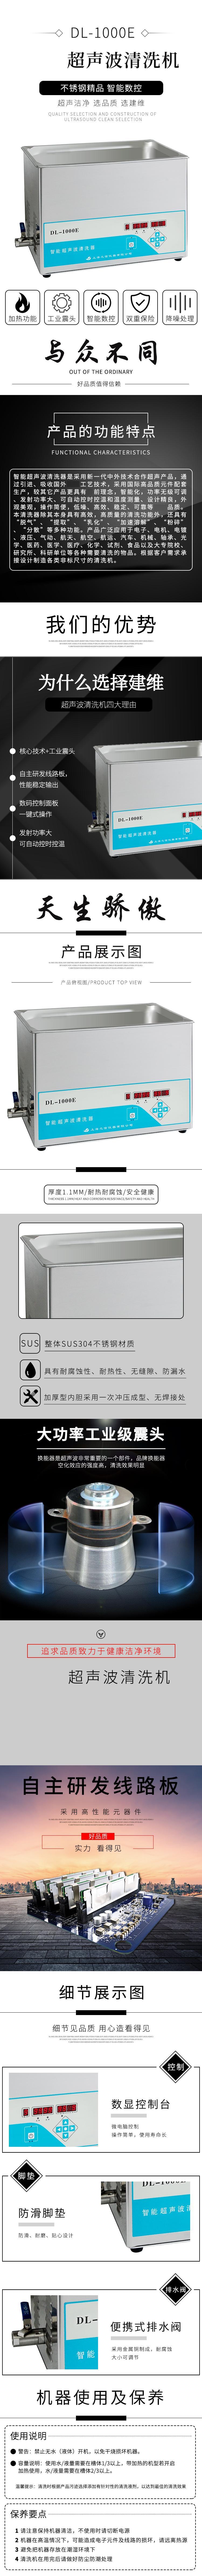 上海之信 超聲波清洗機宣傳頁.jpg